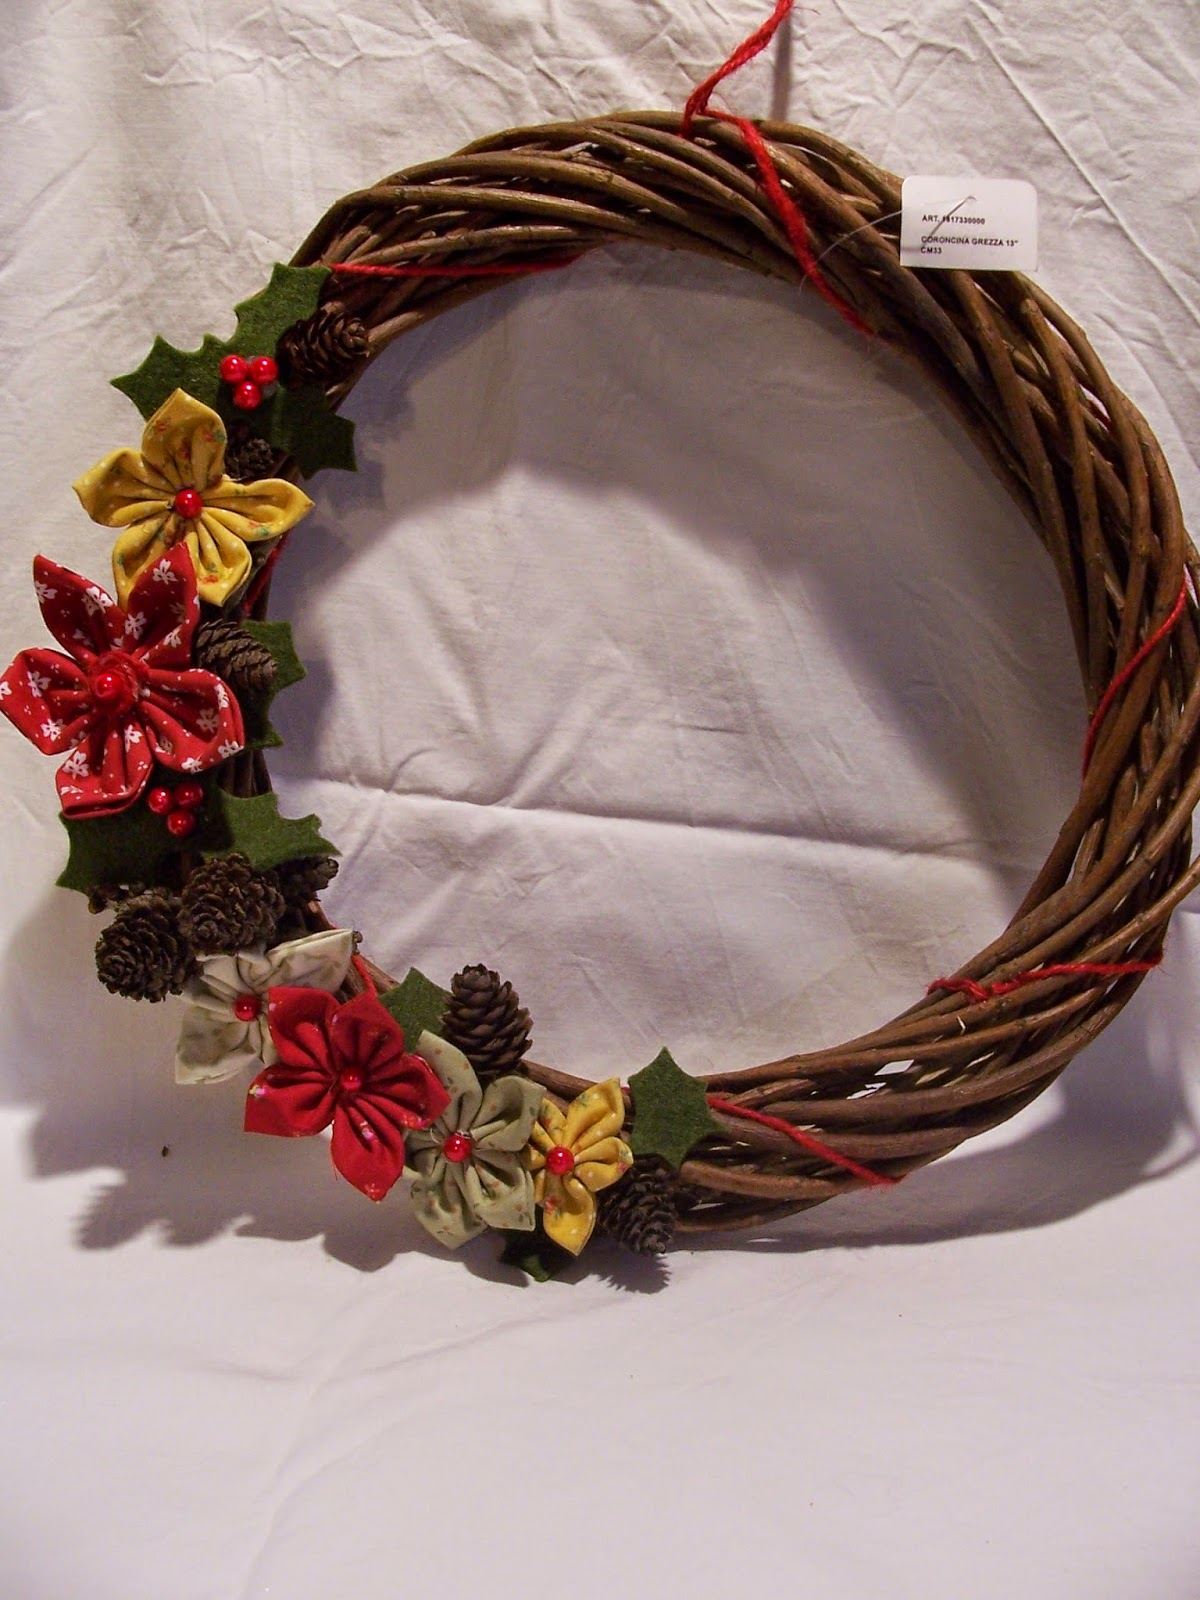 Pigghy mania ghirlande natalizie con fiori agrifoglio - Corone natalizie da appendere alla porta ...